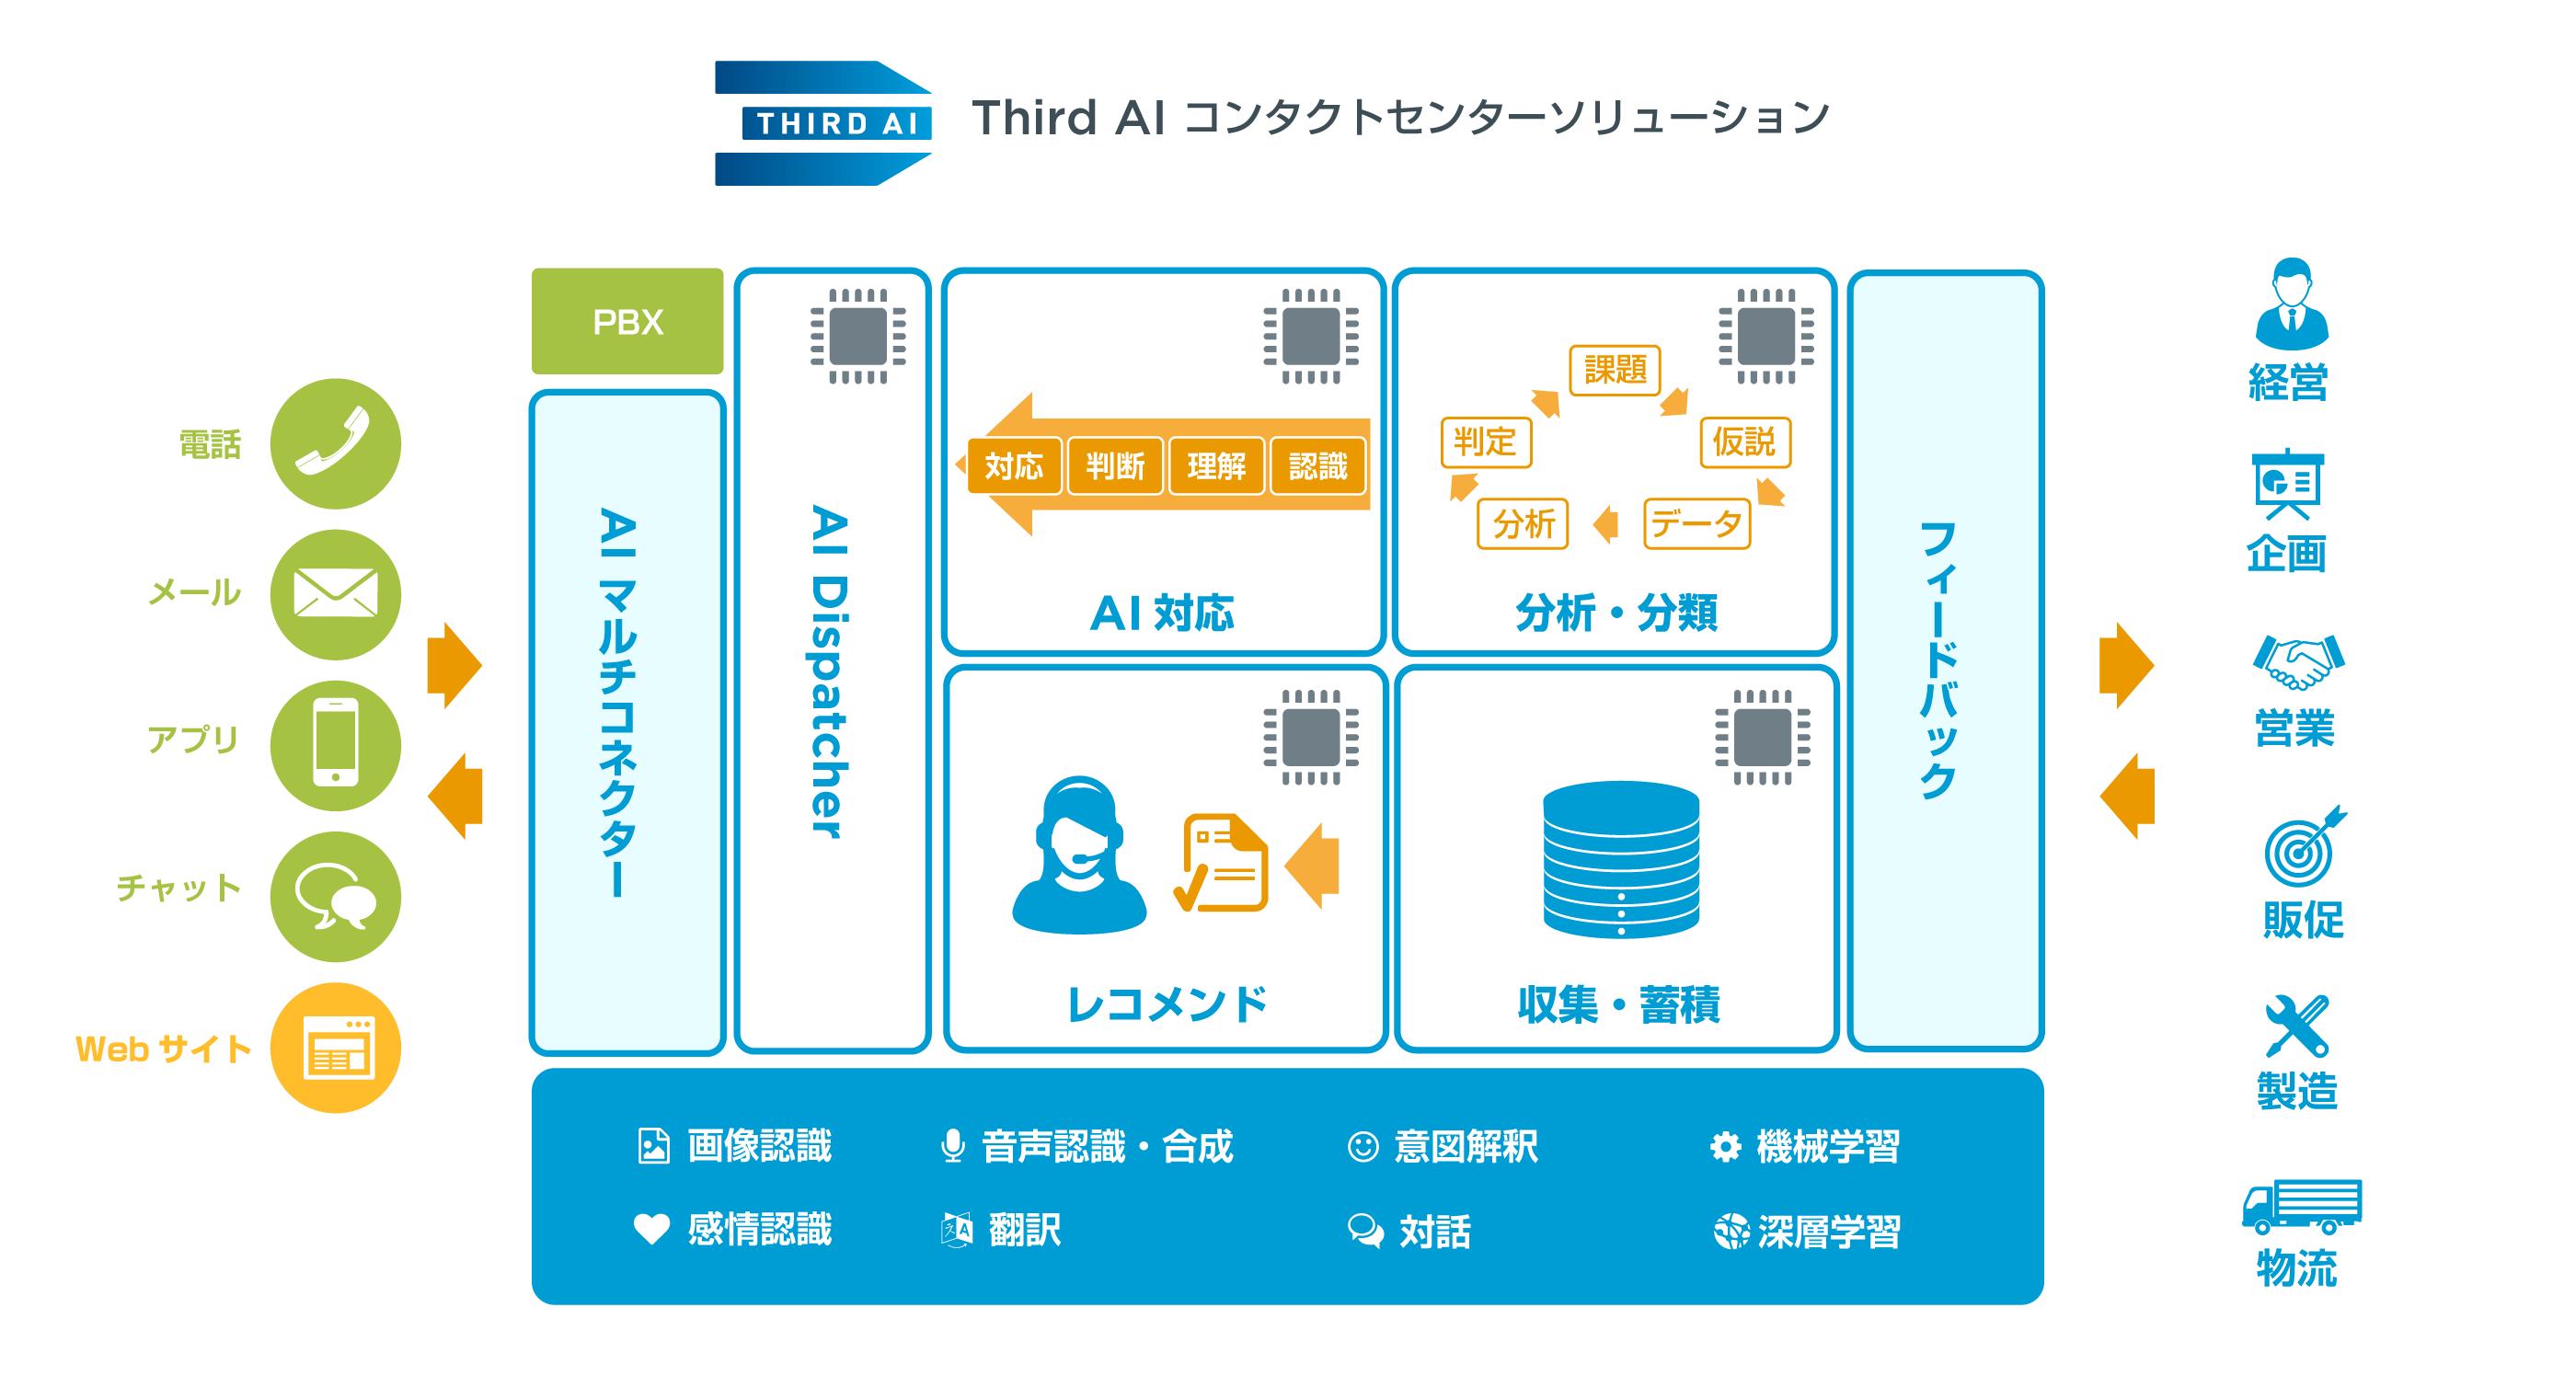 Third AI コンタクトセンターソリューション